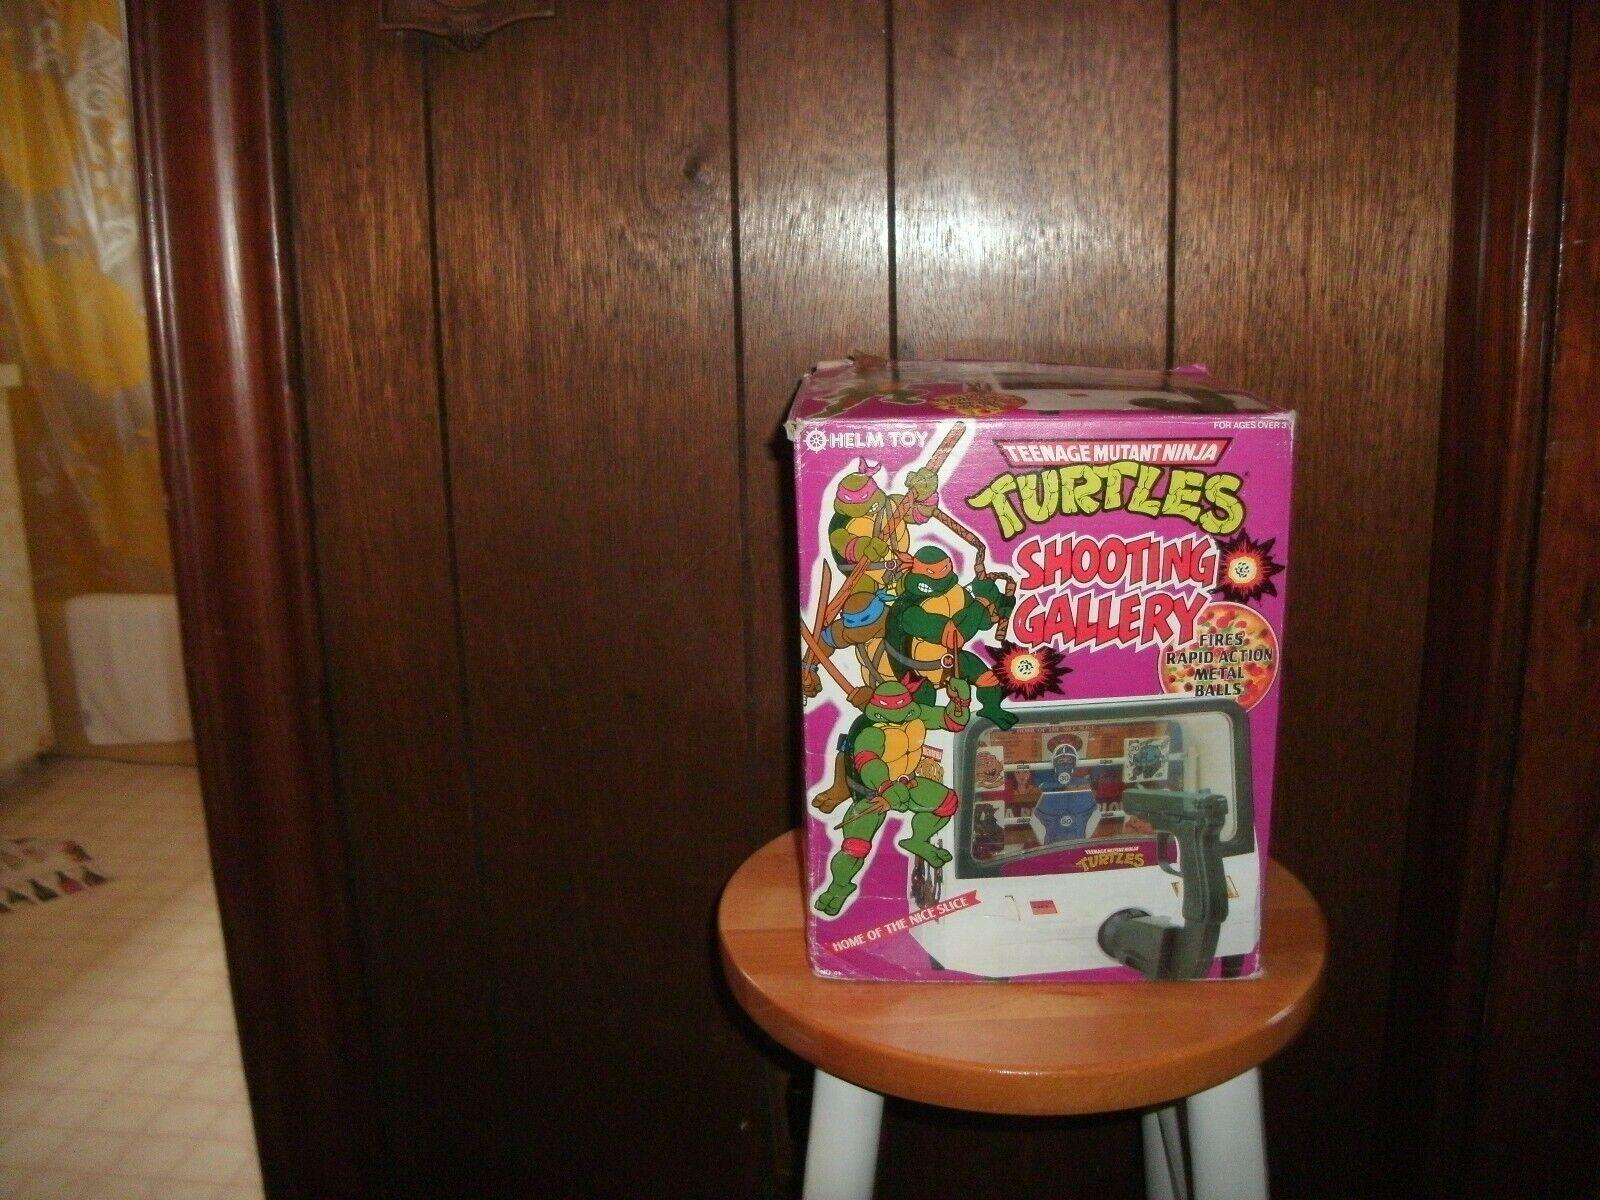 1988 Teenage Mutant Ninja Turtle SHOOTING GALLERY HELM TOY brand new in Box